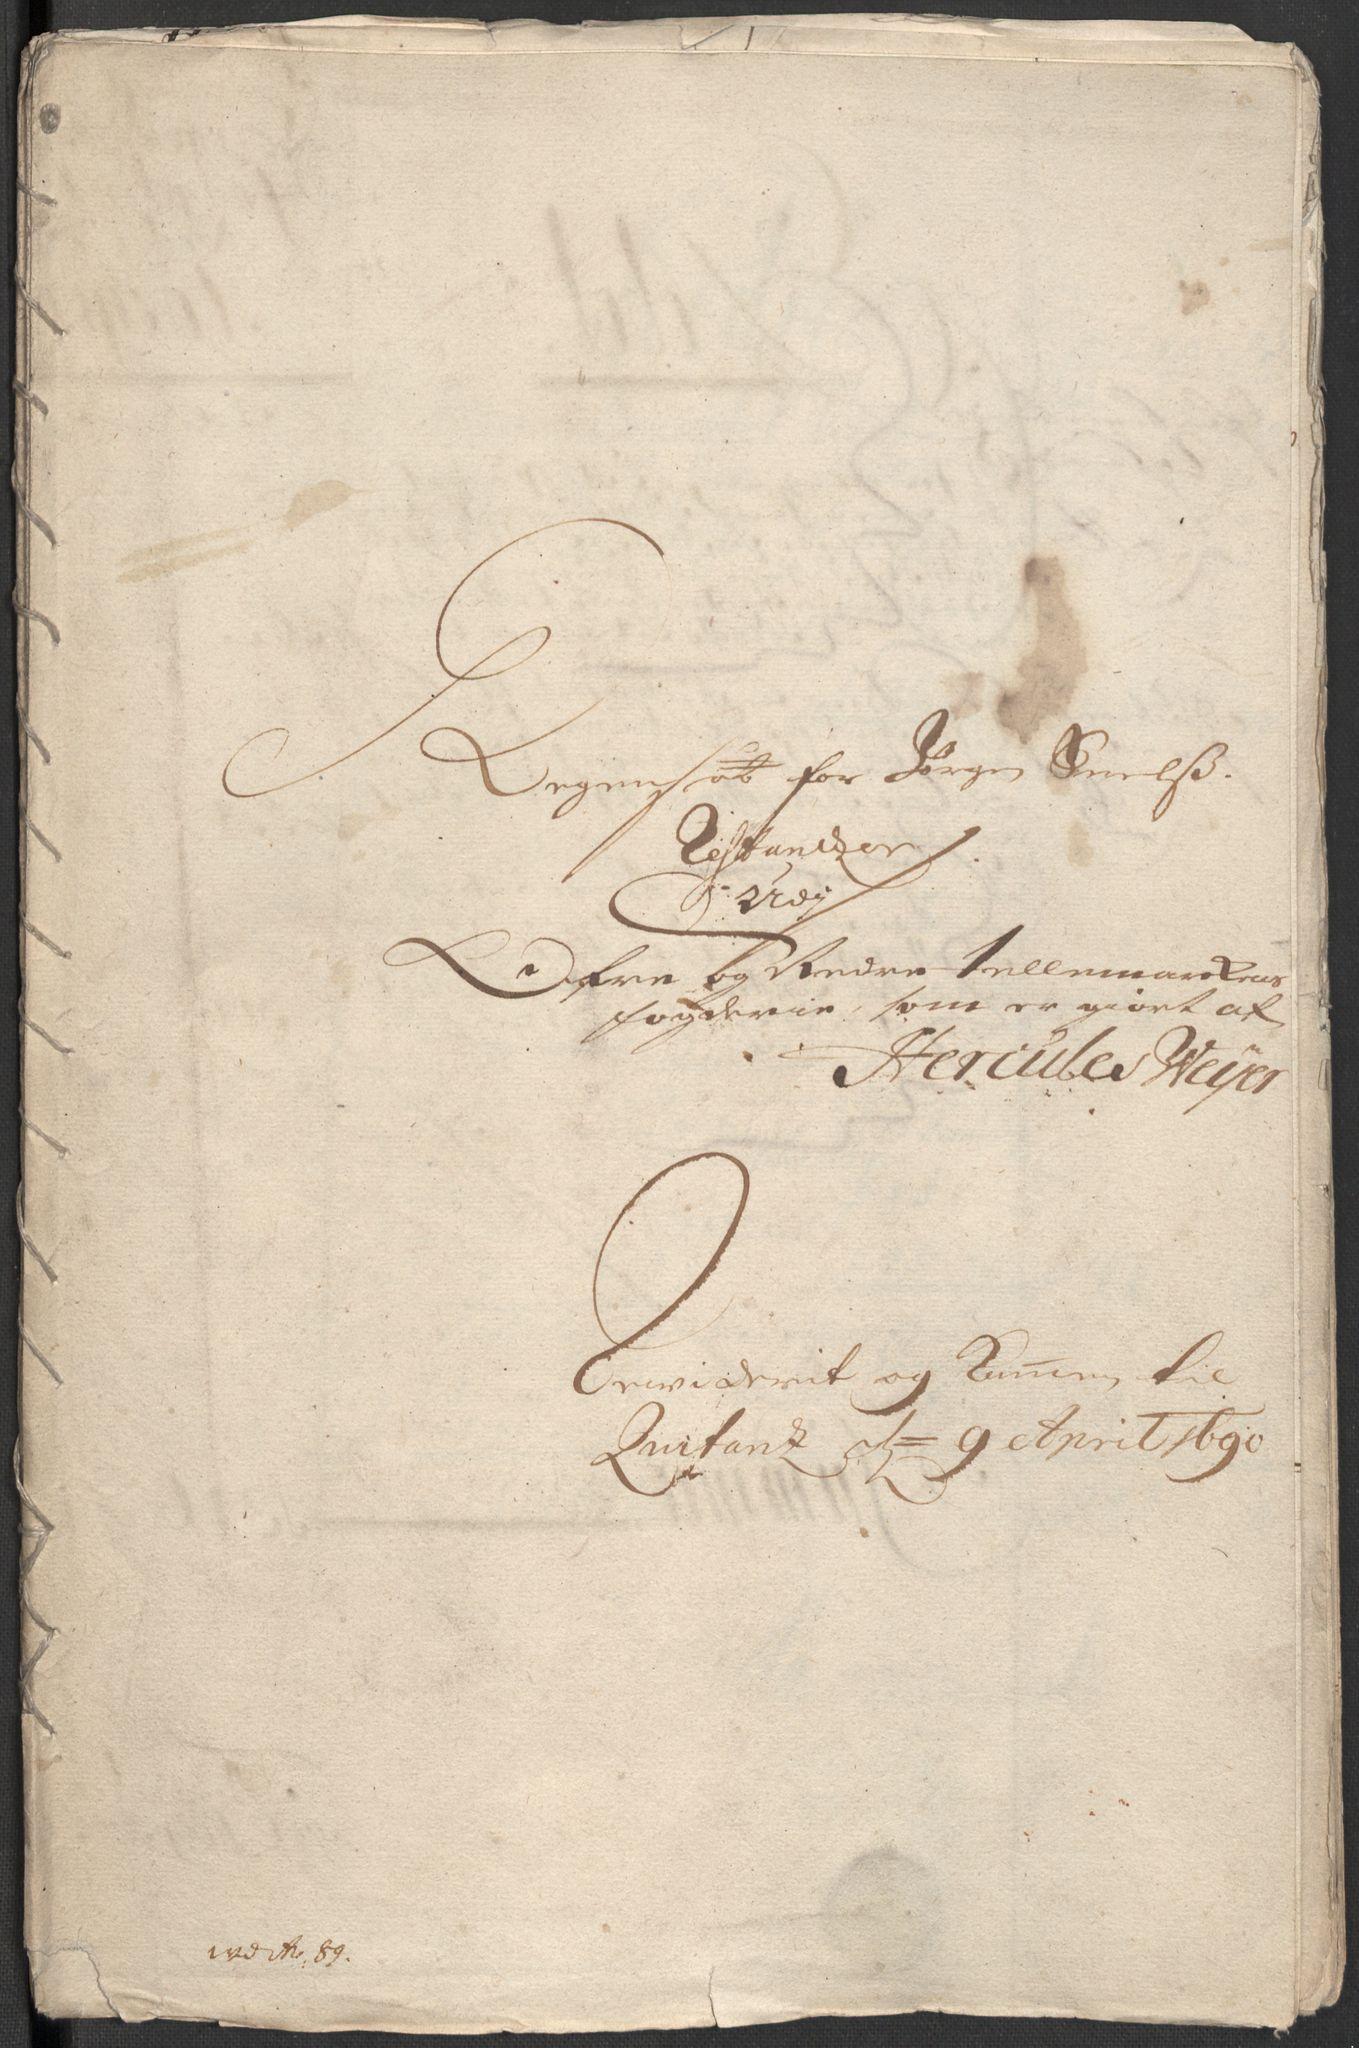 RA, Rentekammeret inntil 1814, Reviderte regnskaper, Fogderegnskap, R35/L2088: Fogderegnskap Øvre og Nedre Telemark, 1687-1689, s. 95